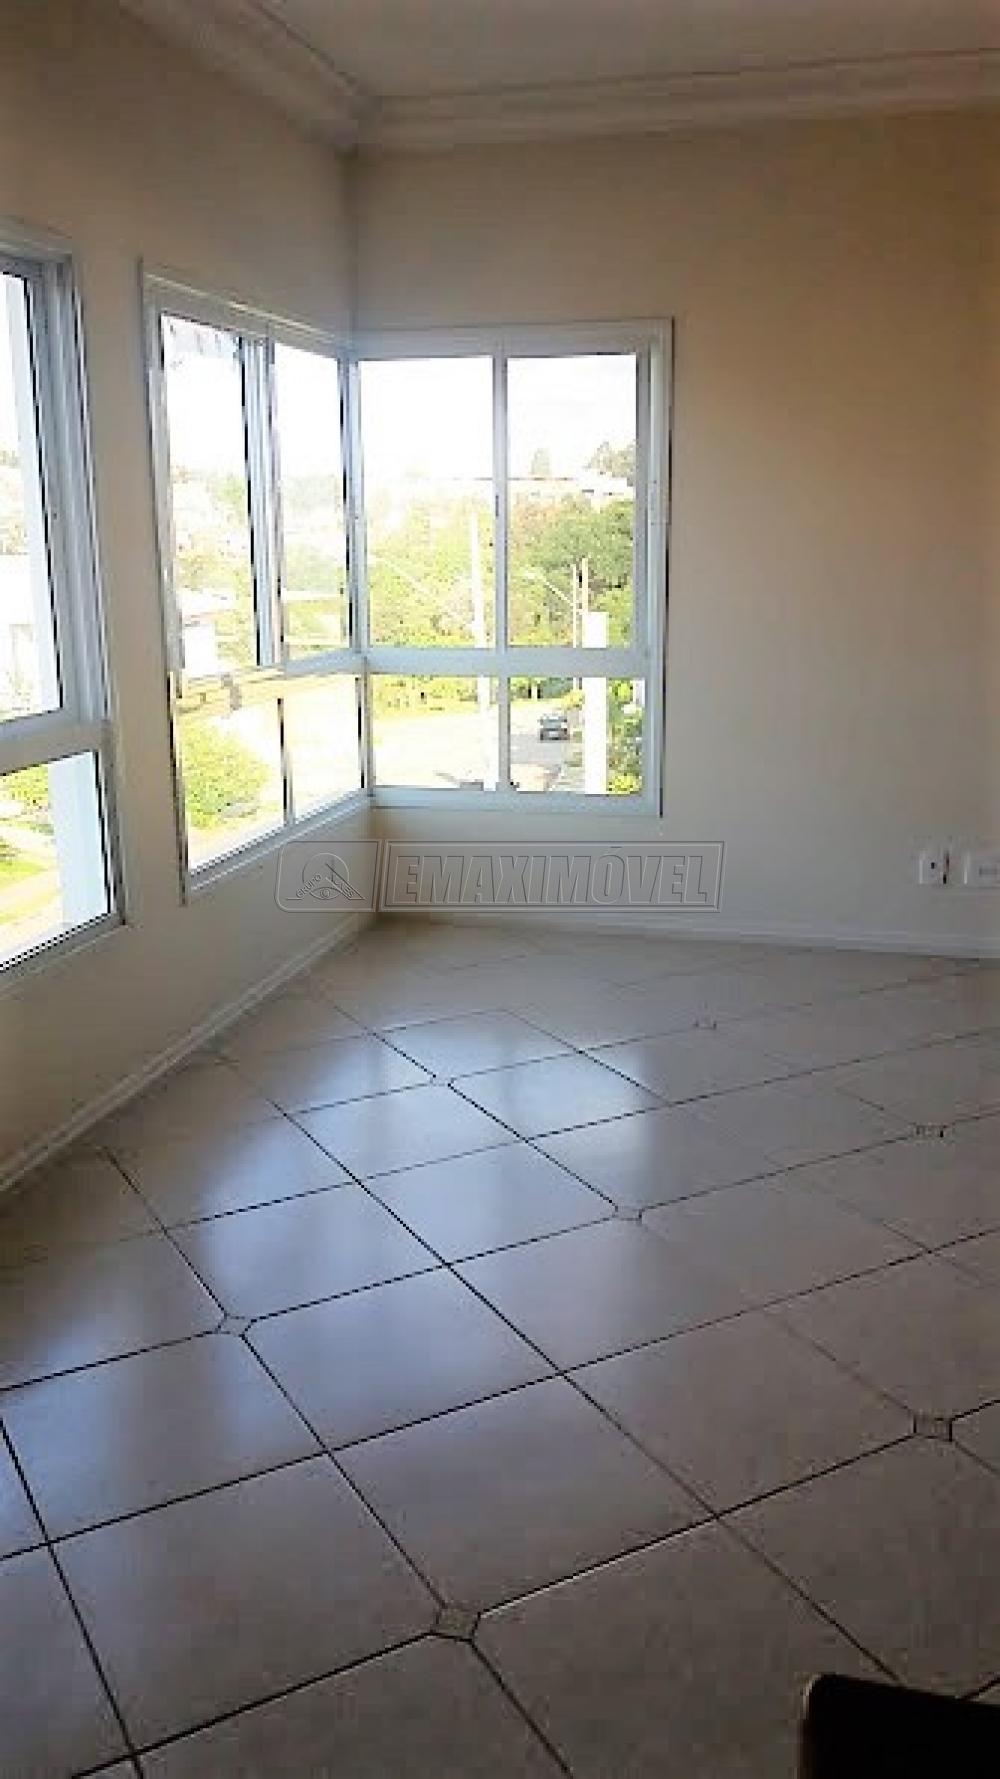 Comprar Casas / em Bairros em Sorocaba apenas R$ 899.000,00 - Foto 3